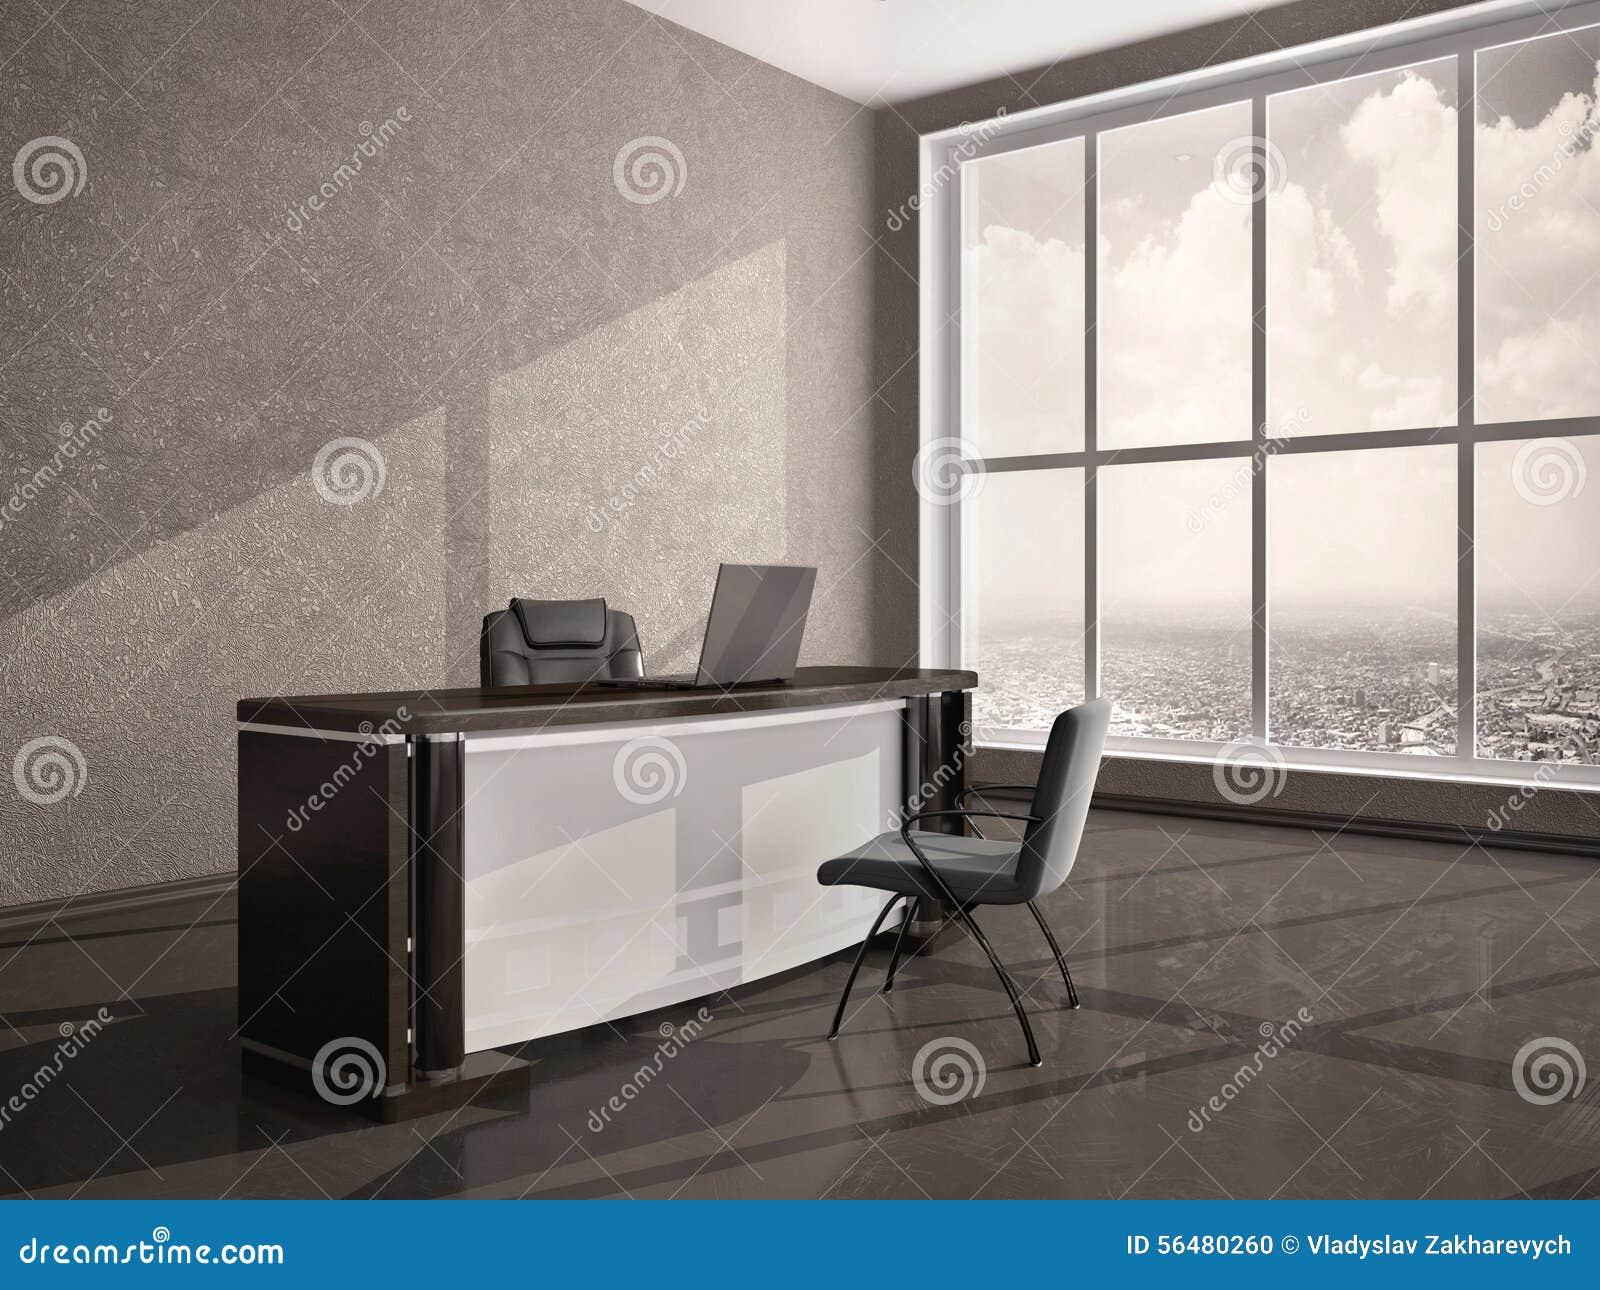 Illustration de bureau moderne